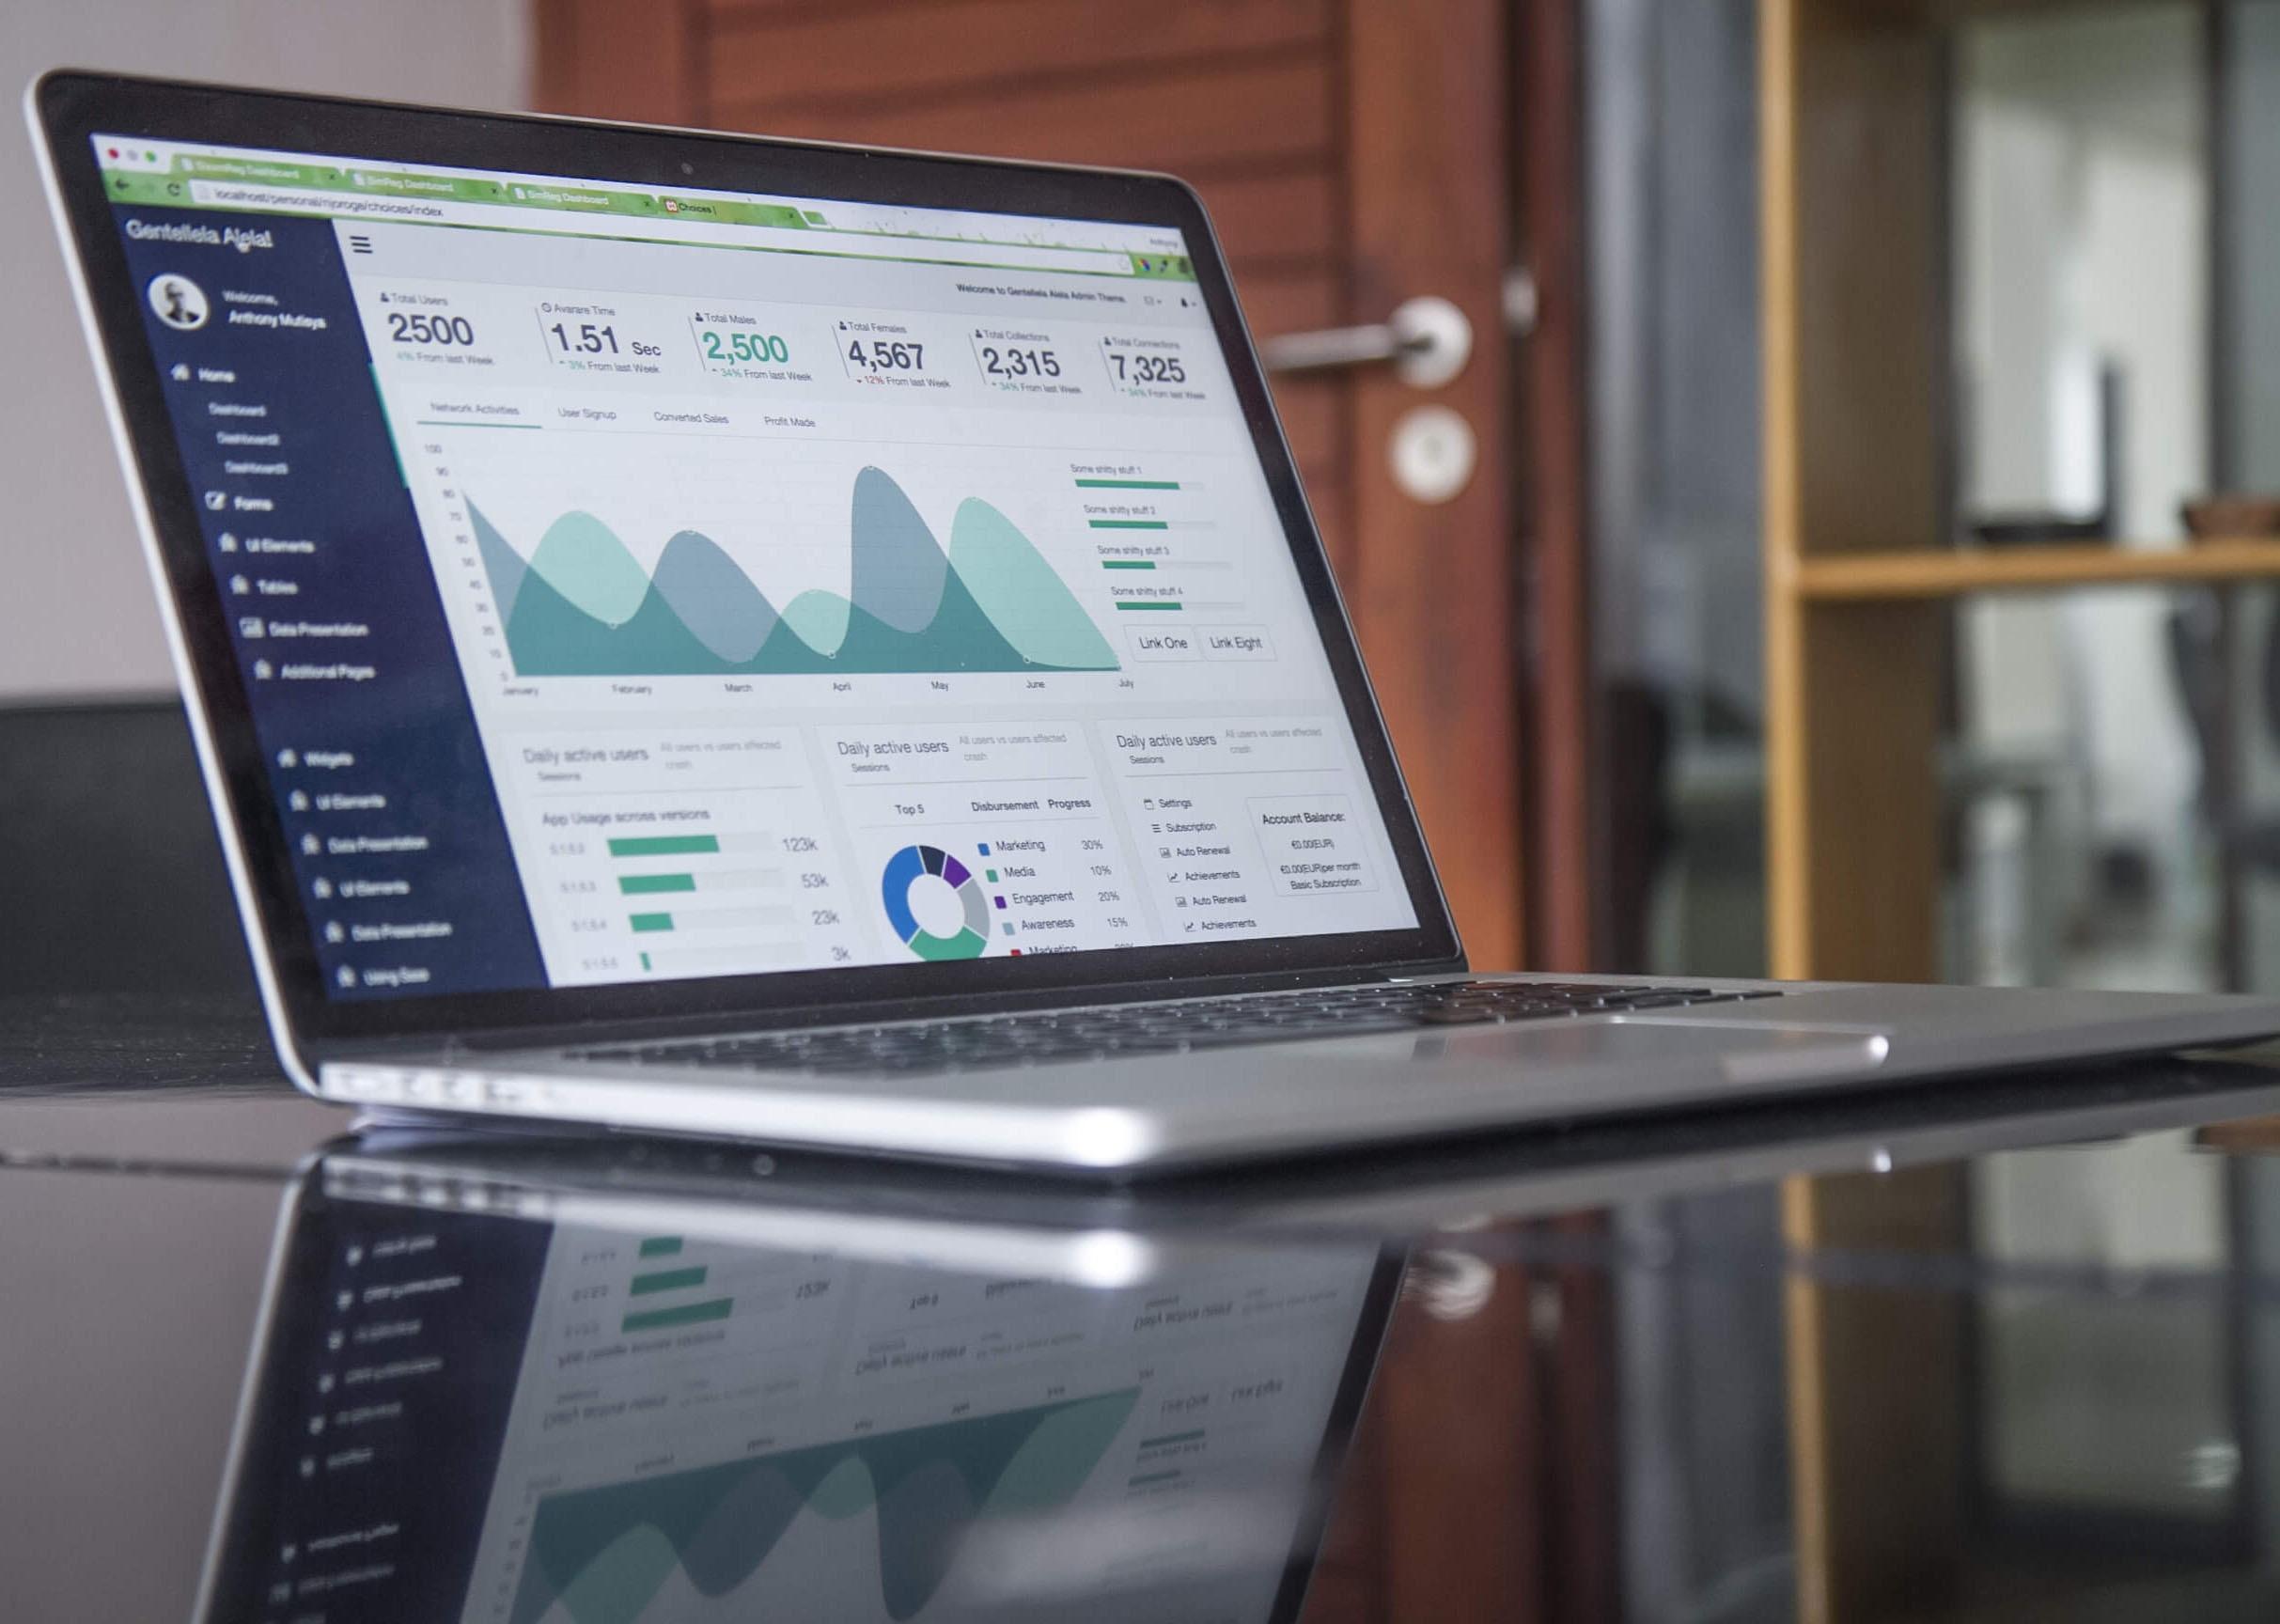 visual statistics on laptop